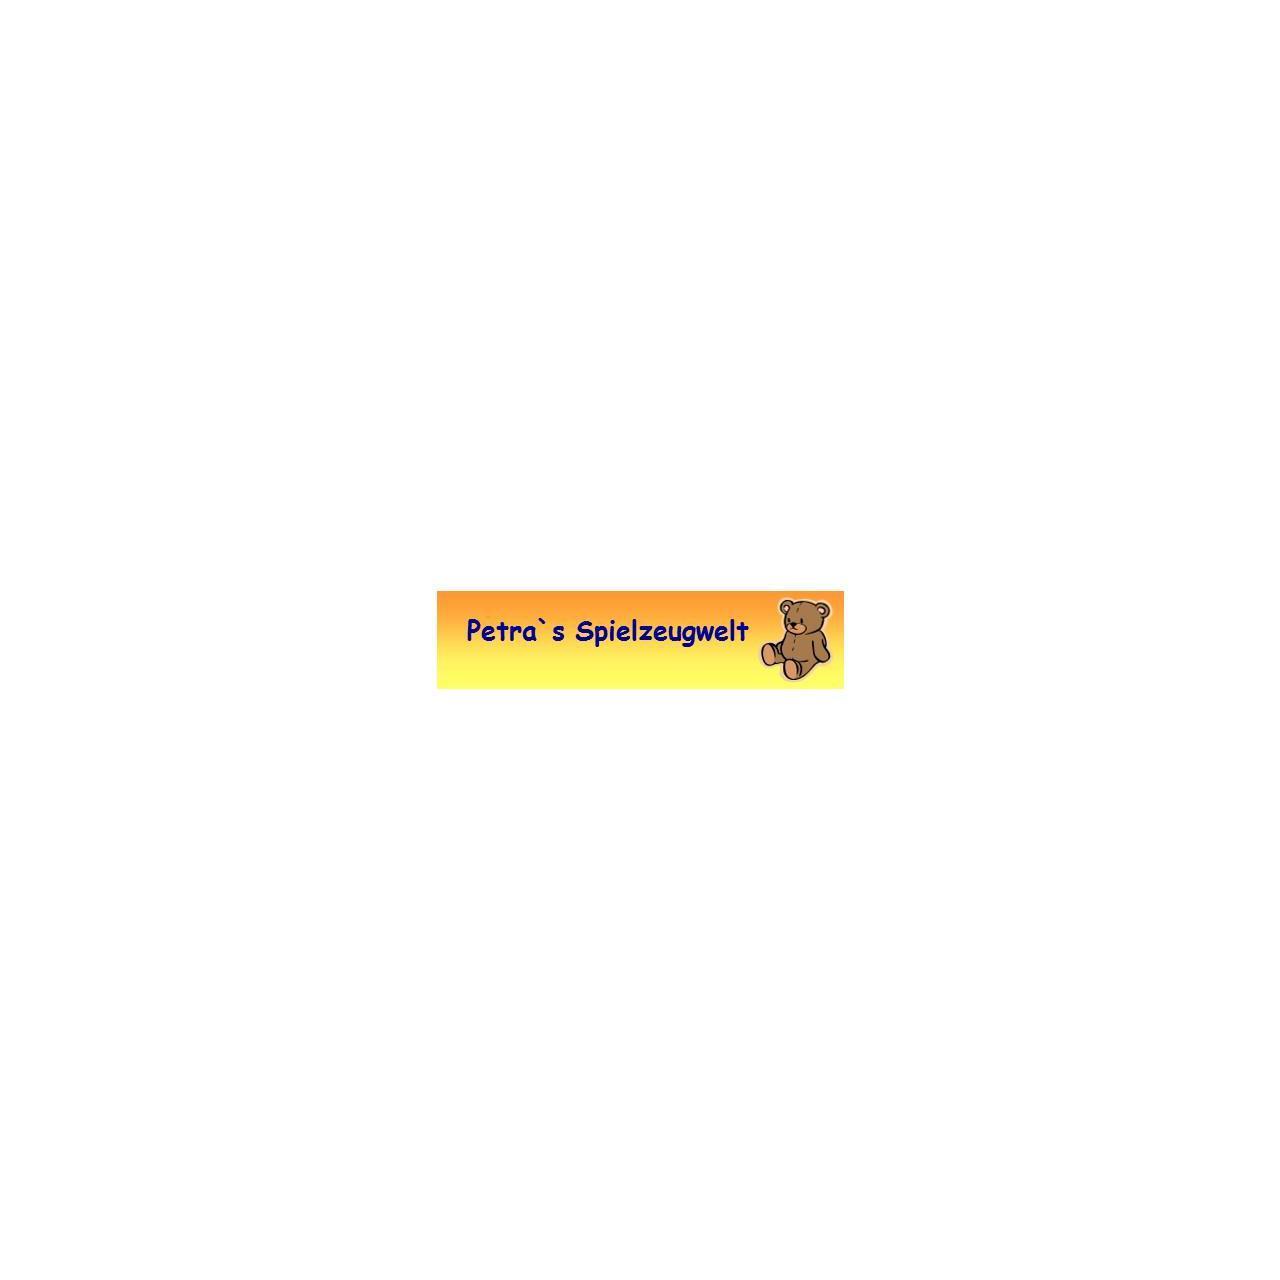 Logo von Petra's Spielzeugwelt